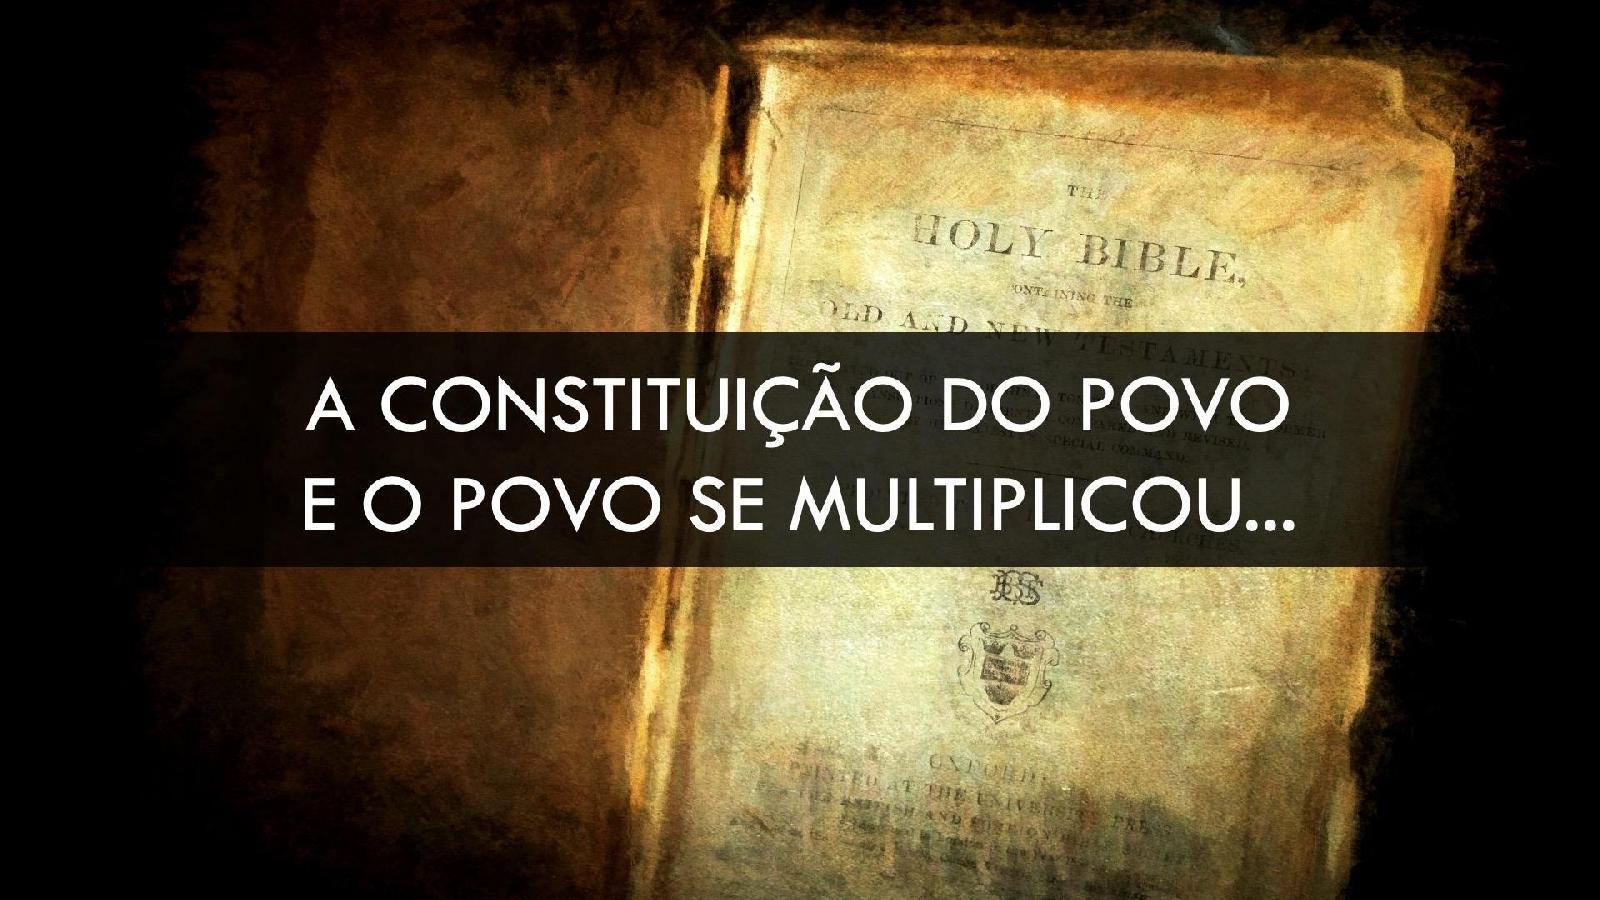 """Constituição do Povo - """"E o povo se multiplicou..."""""""